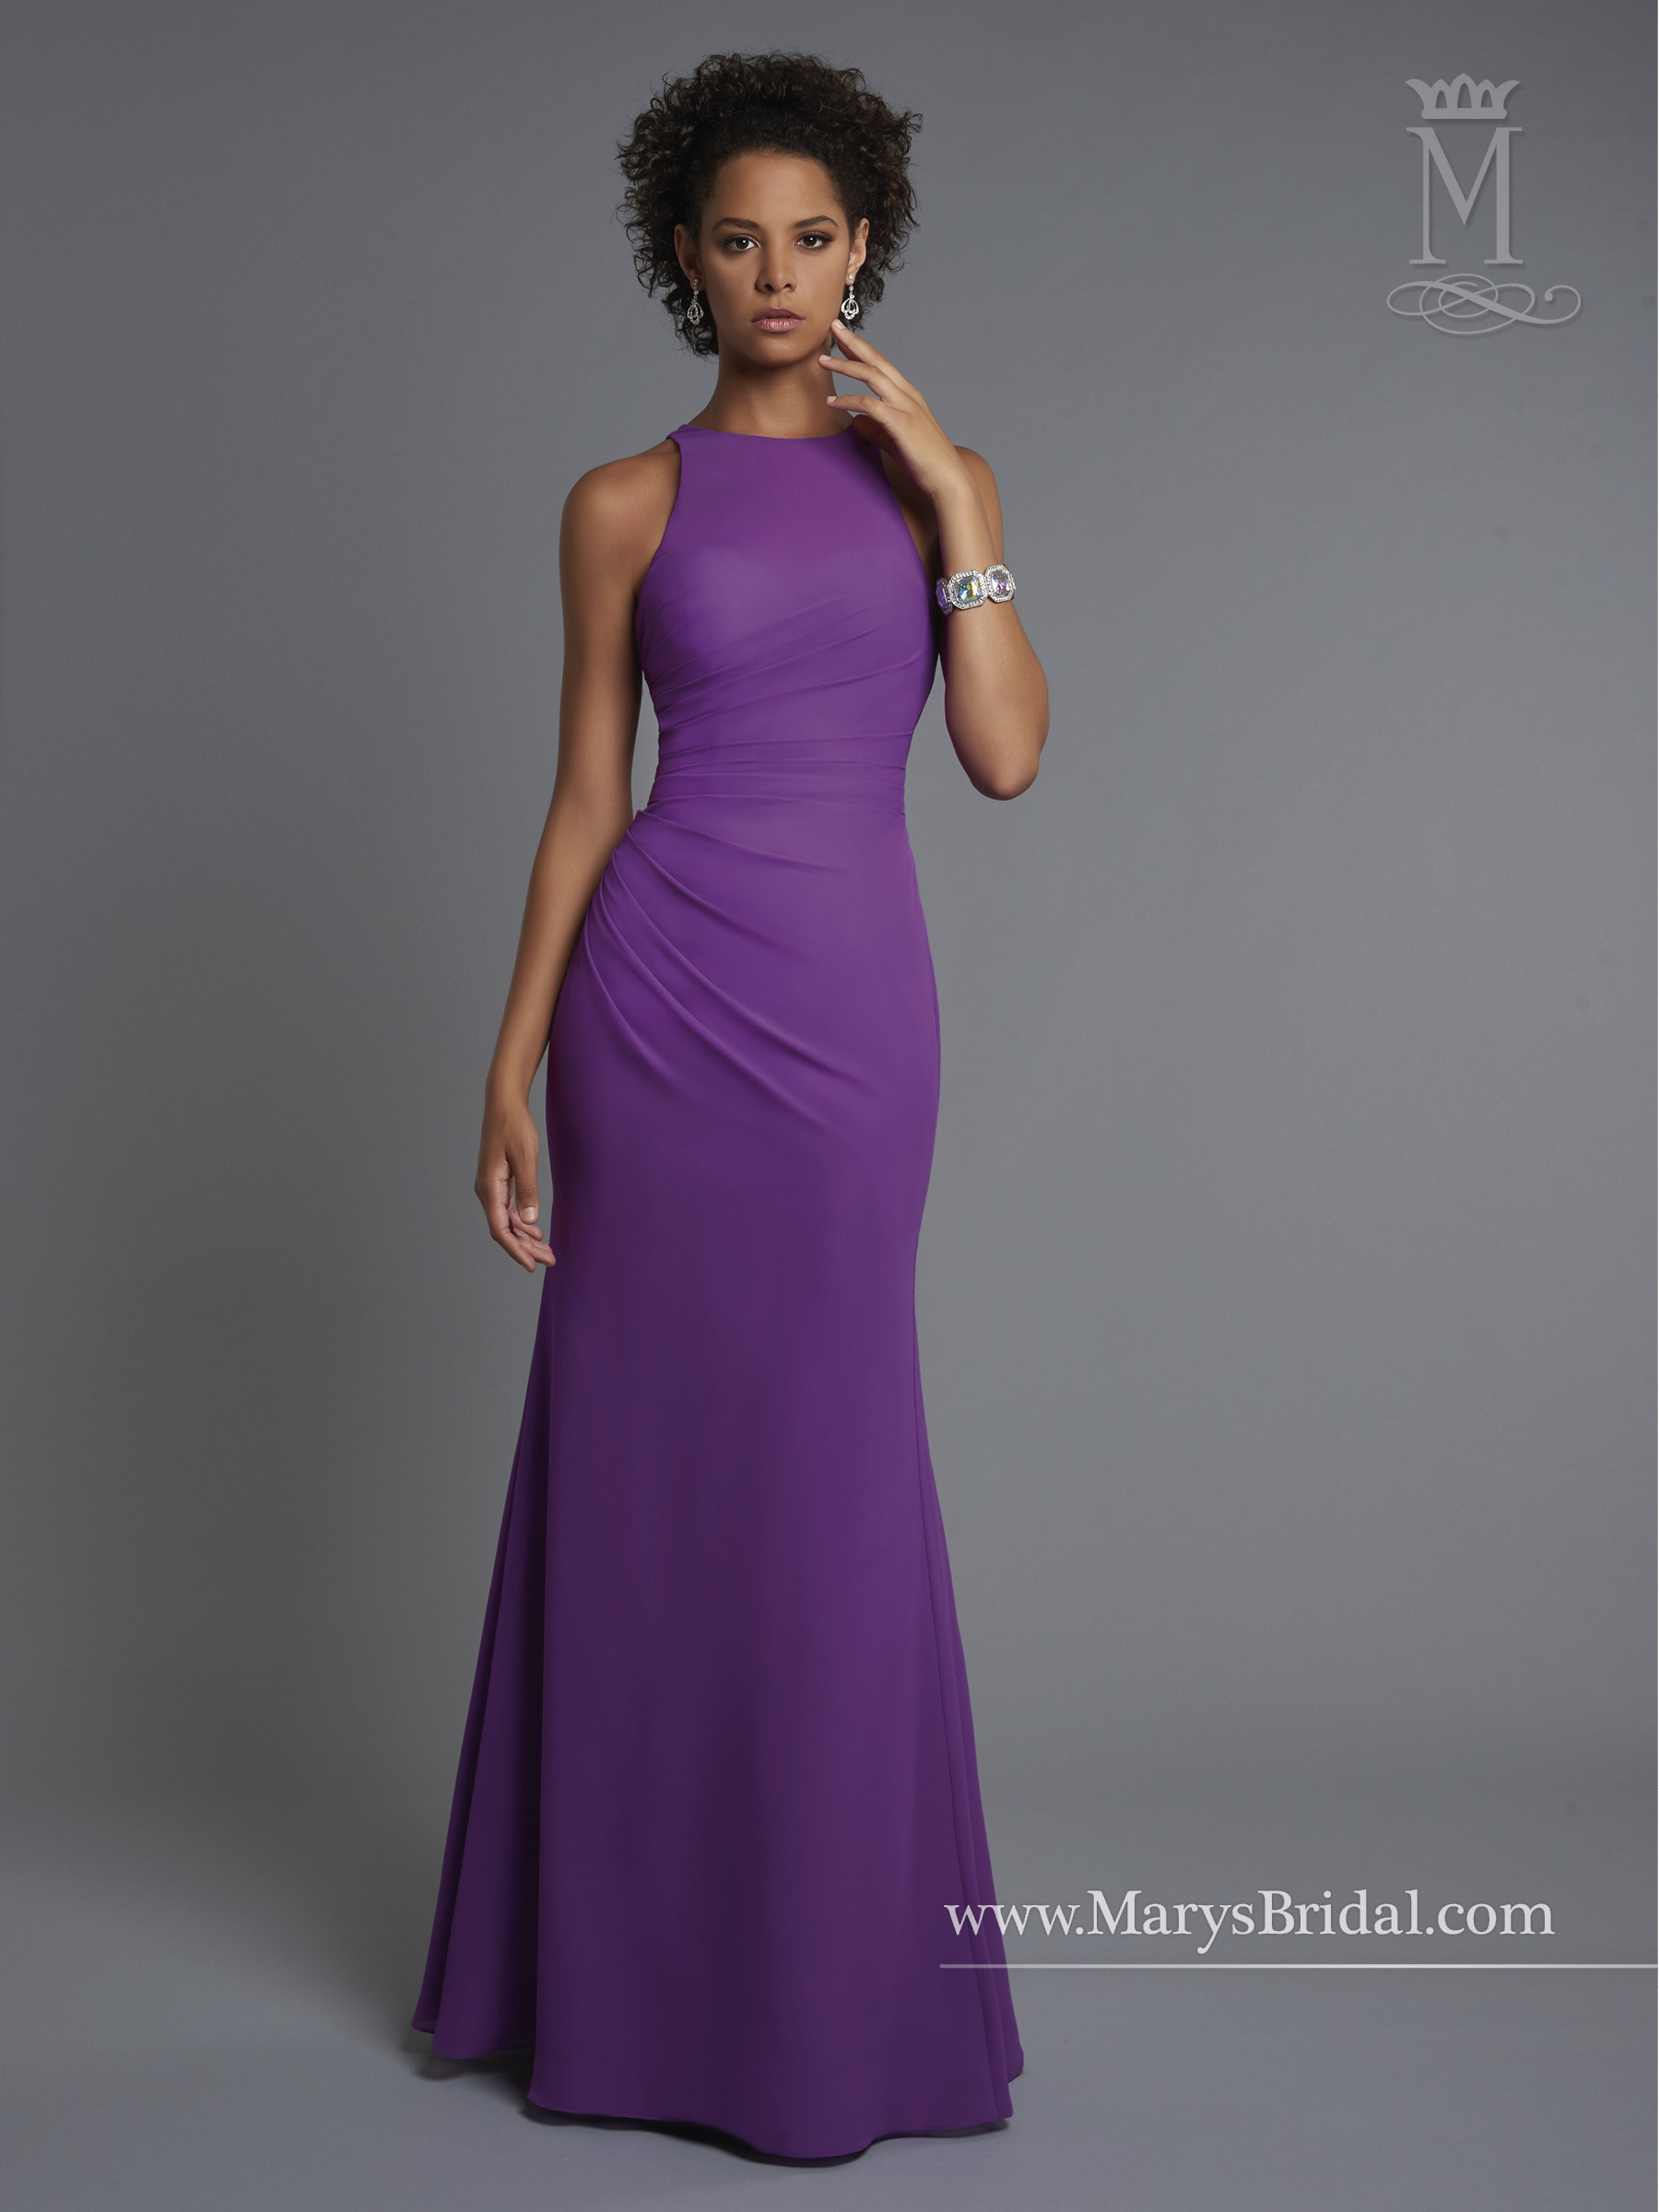 Encantador Styles For Bridesmaid Dresses Imagen - Colección del ...